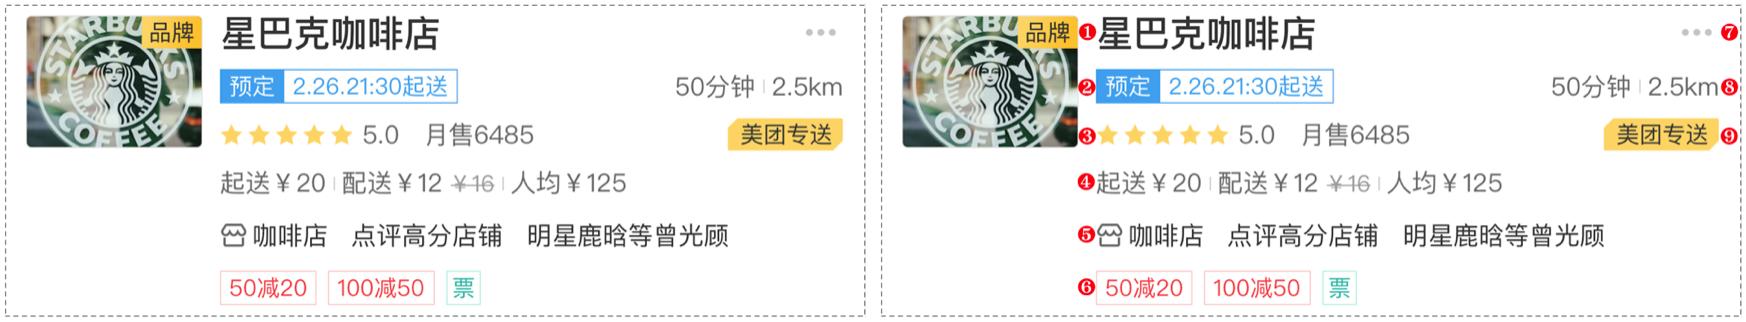 图6 外卖 App 商家卡片